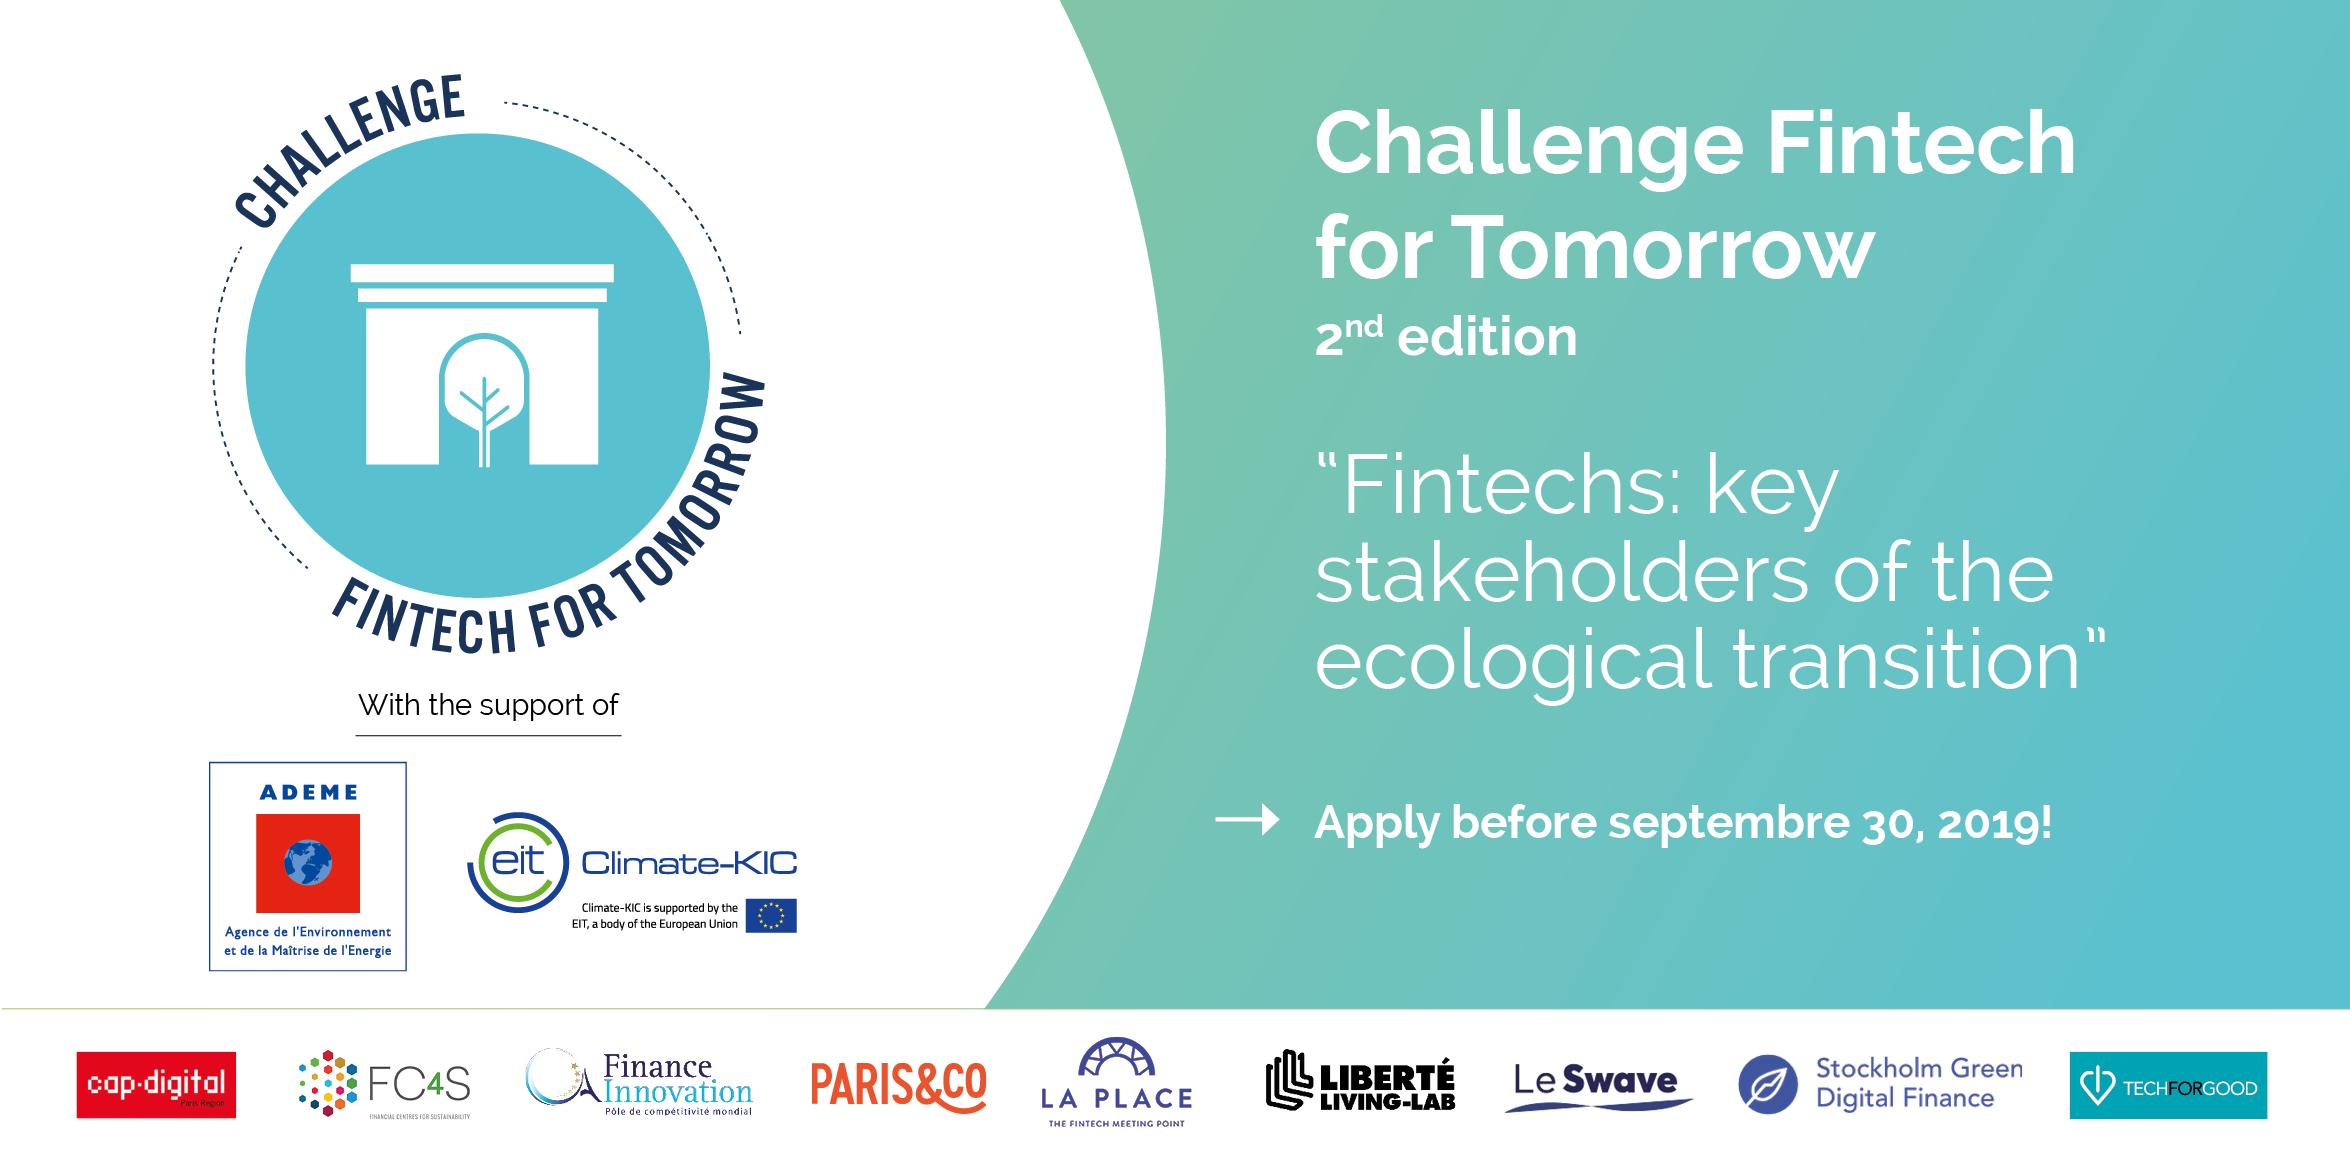 Challenge Fintech for Tomorrow 2019 - Visuel_EN.png